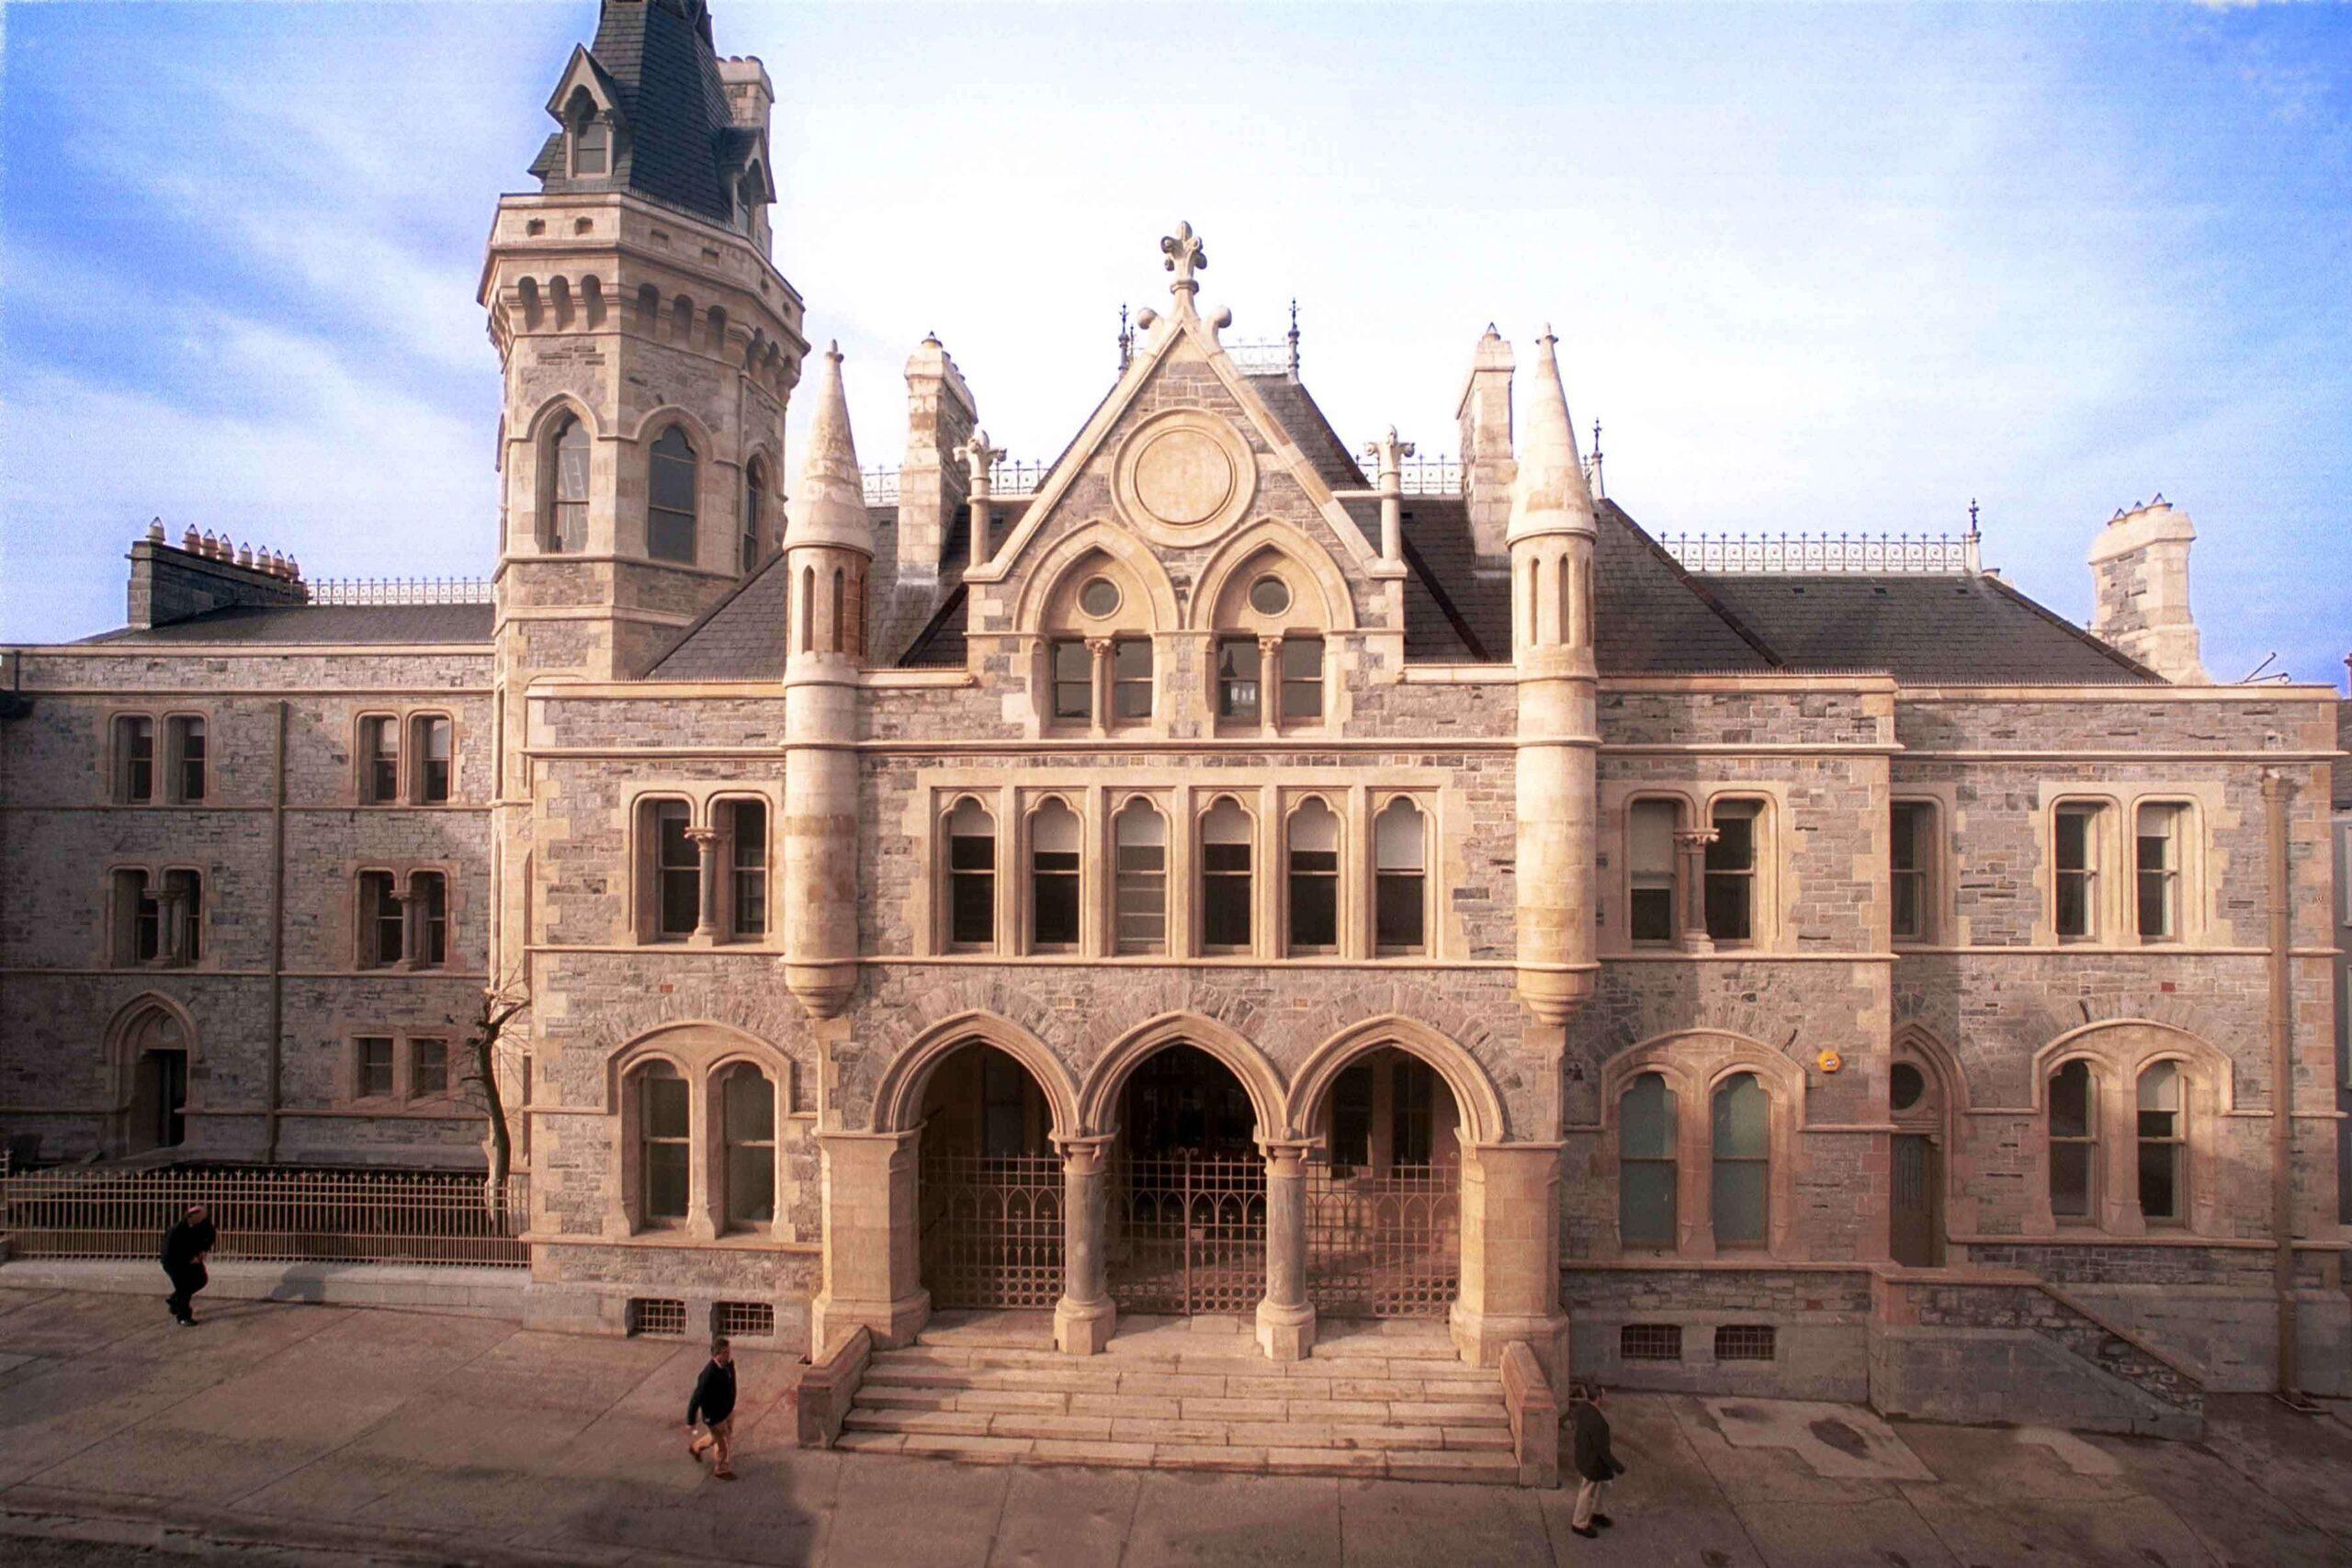 Sligo courthouse